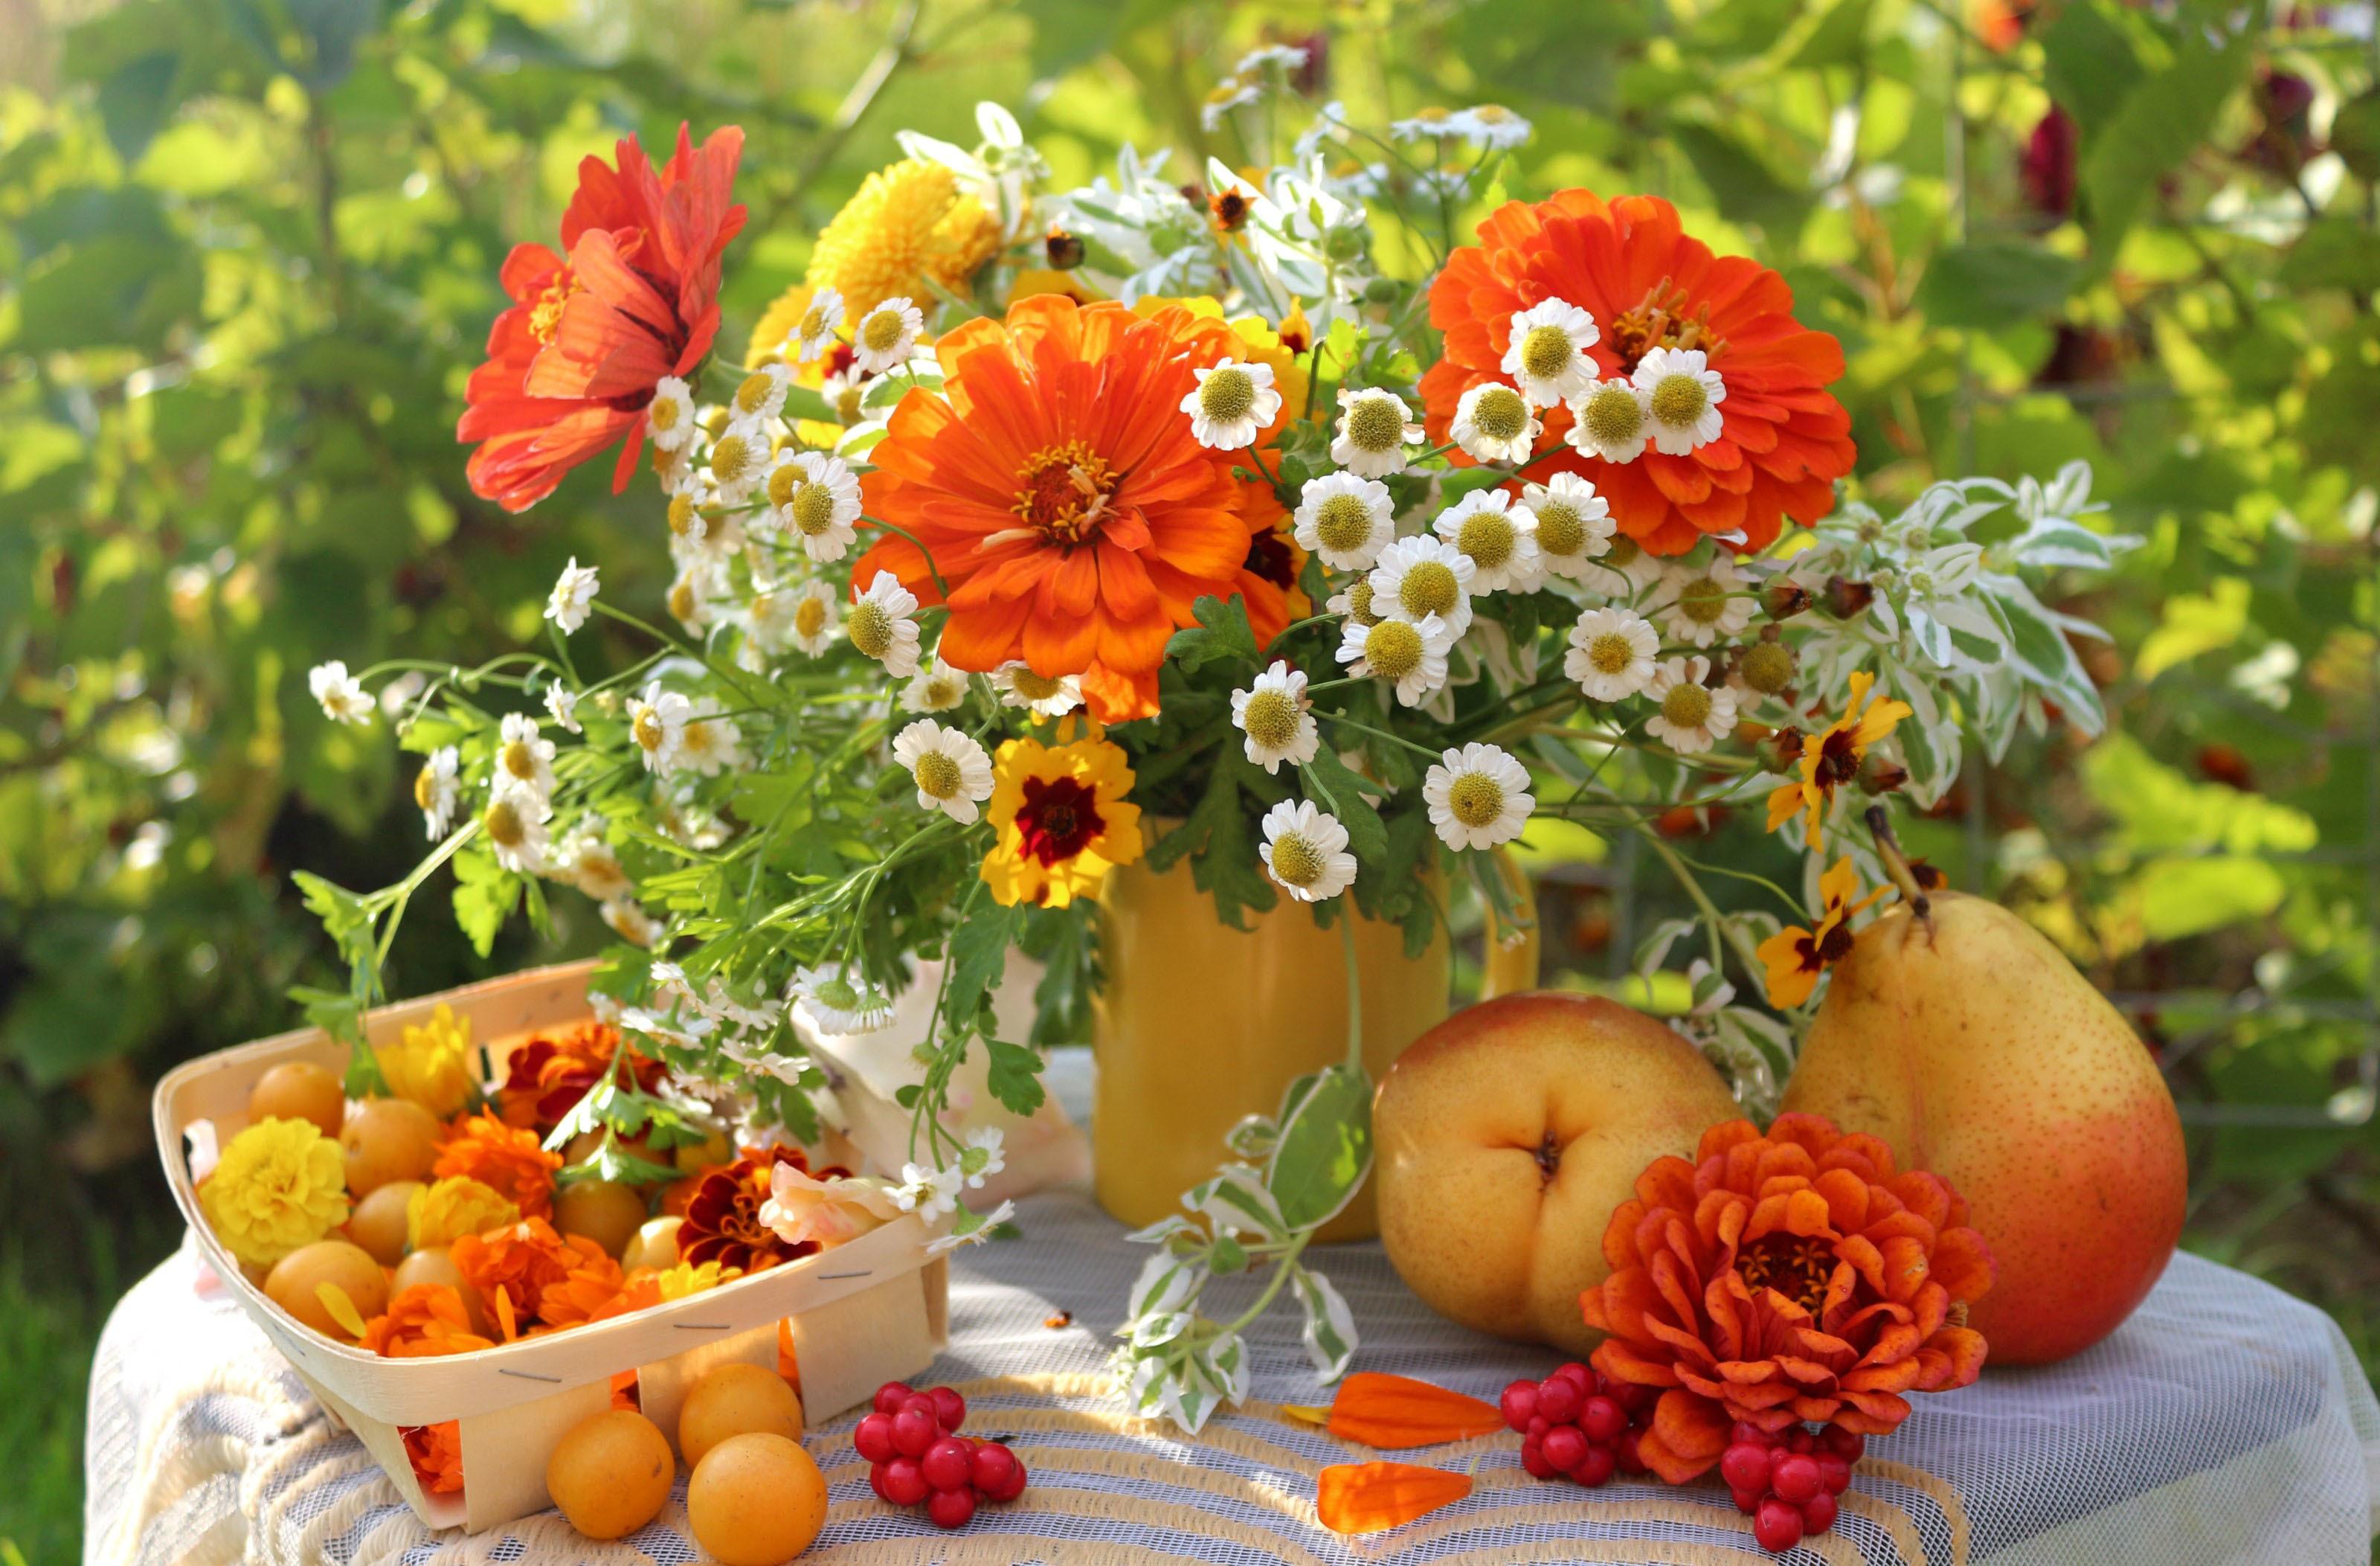 Bouquet table still life summer garden wallpaper for Bouquet de fleurs hd